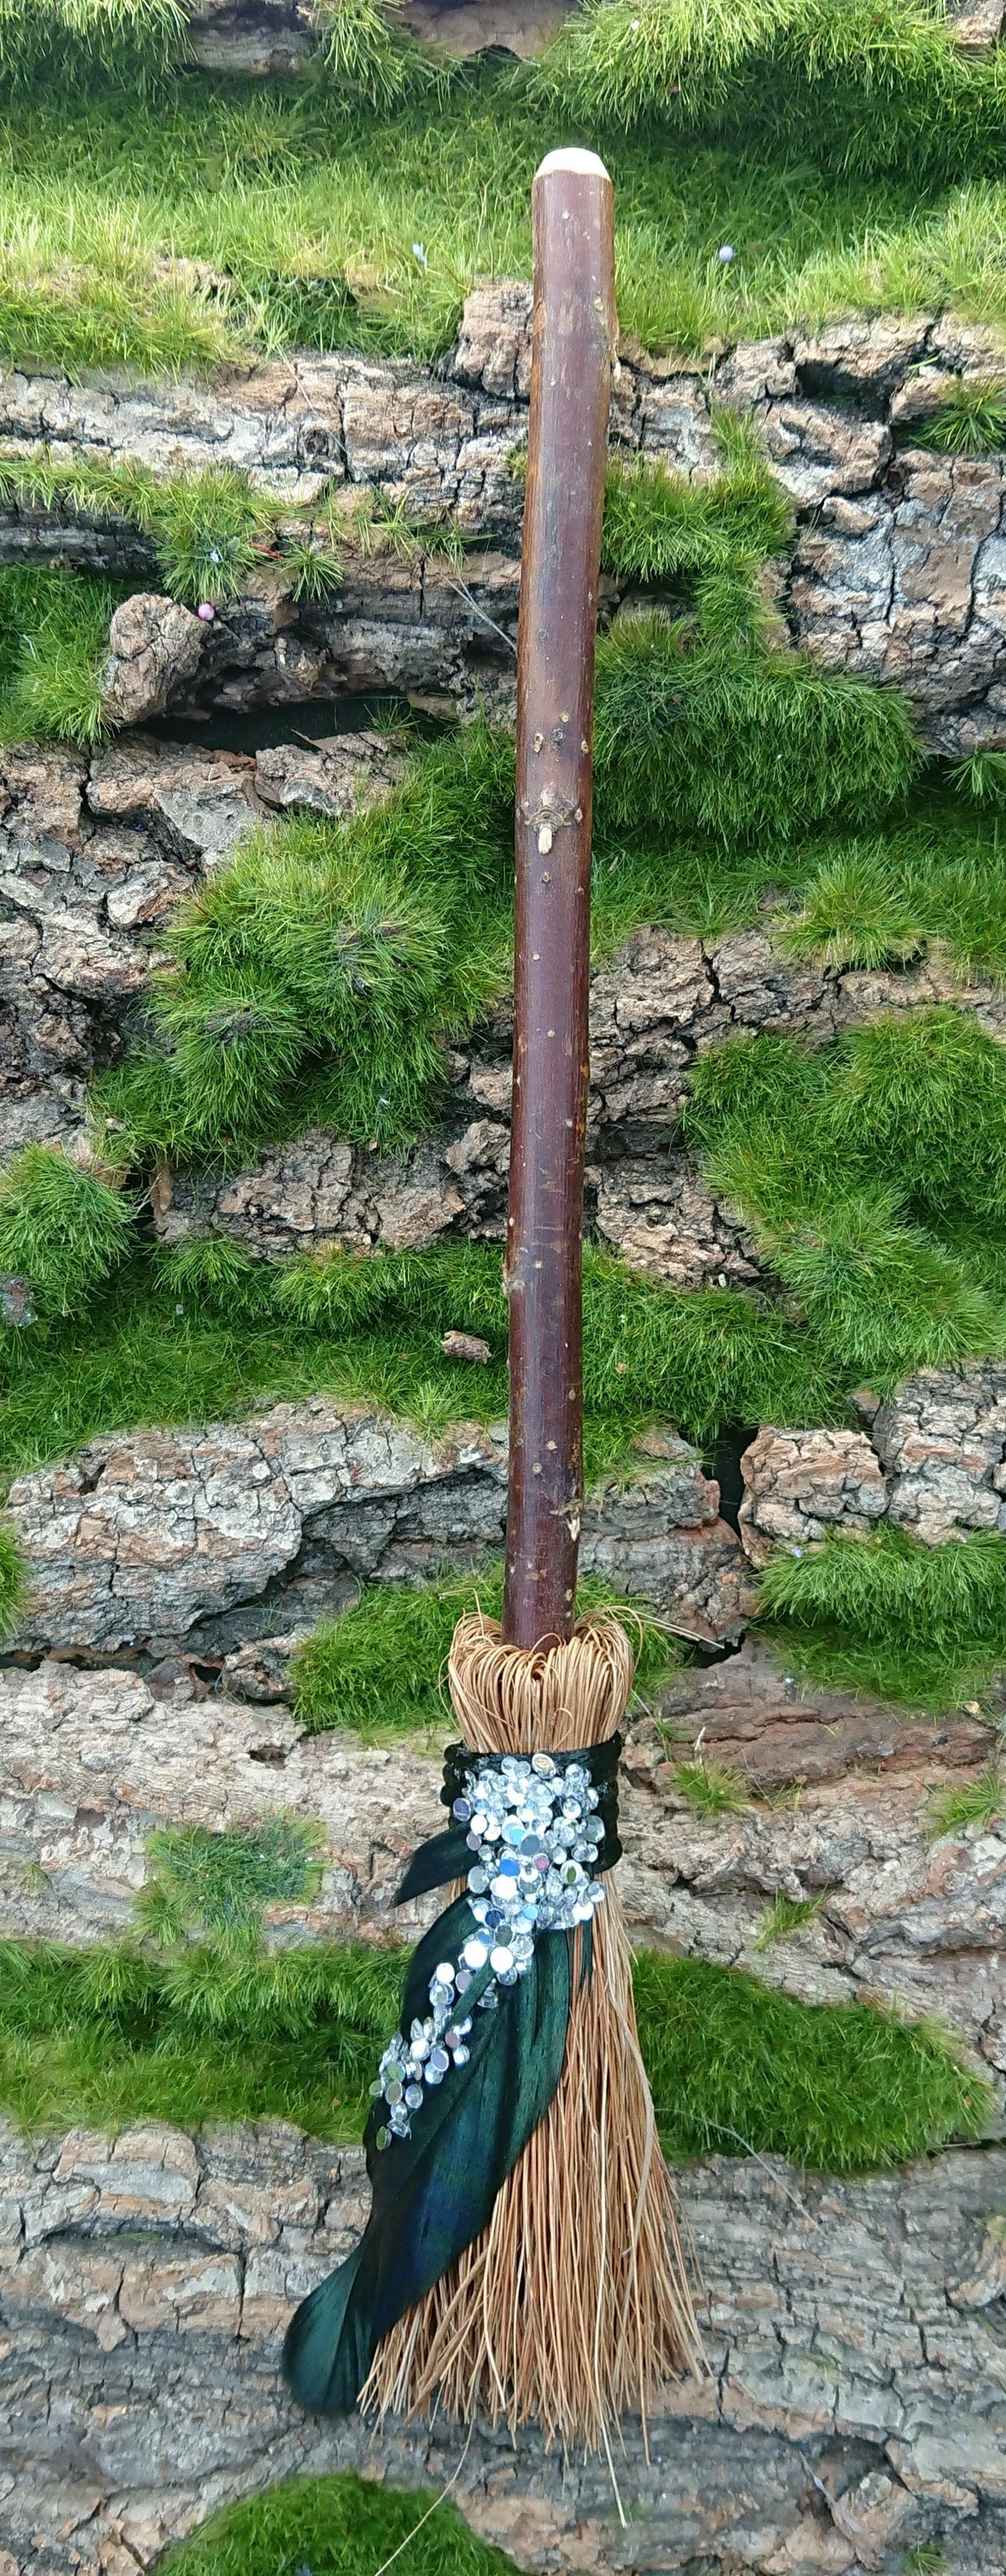 Floral Mini Broom